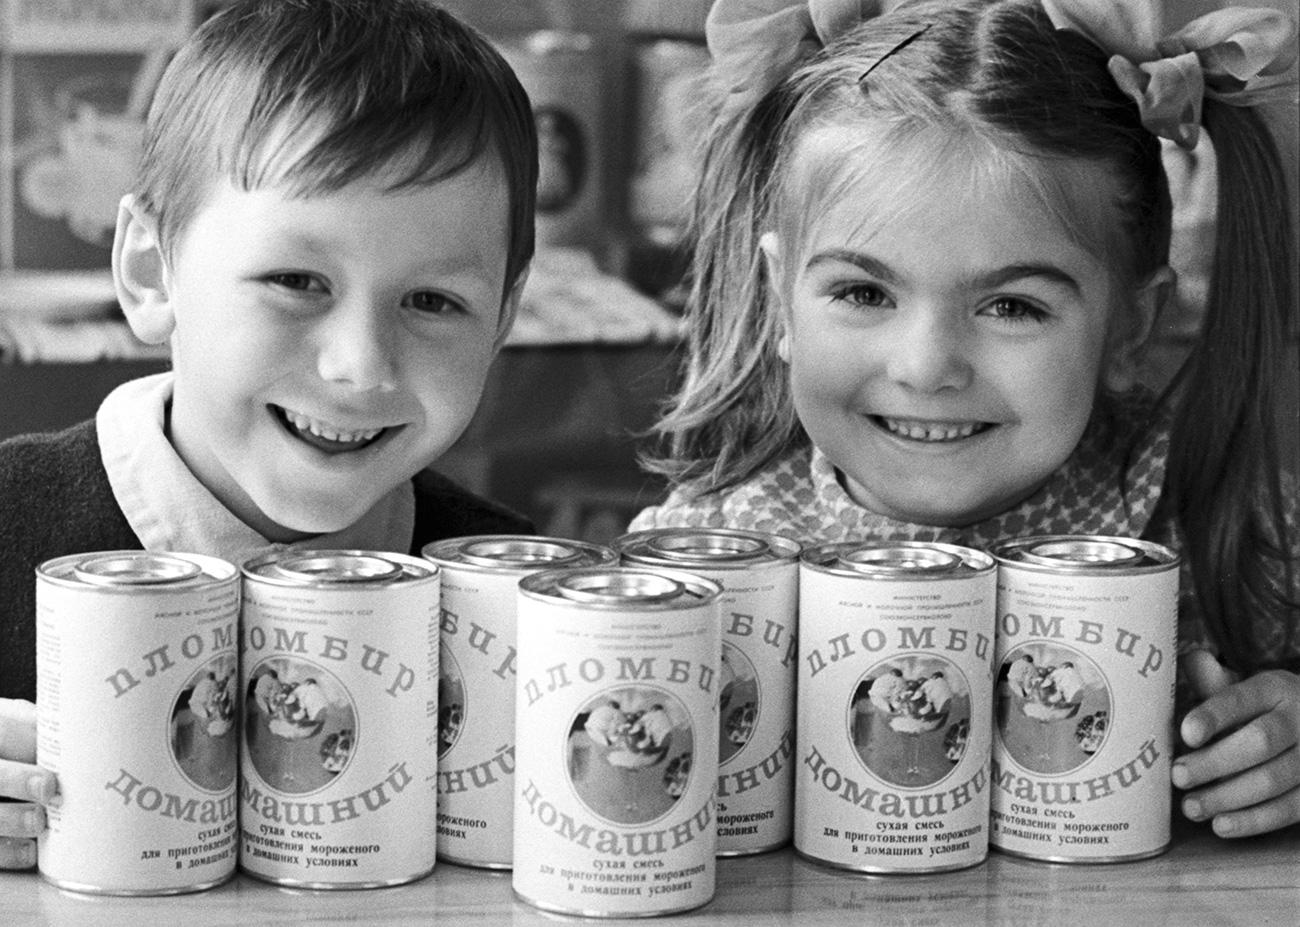 """I gelati alla frutta (sorbetti) erano i più economici. Costavano appena 7 copeche ed erano venduti in coppette di carta. Non erano molto popolari tra i bambini, che ripiegavano su questi solo se non avevano abbastanza soldi per quelli cremosi // Oleg Jakovlev e Ljudmila Latisheva, """"assaggiatori"""" del gelato in lattina """"Domashnij"""" (""""Casalingo""""), Mosca, 1965"""